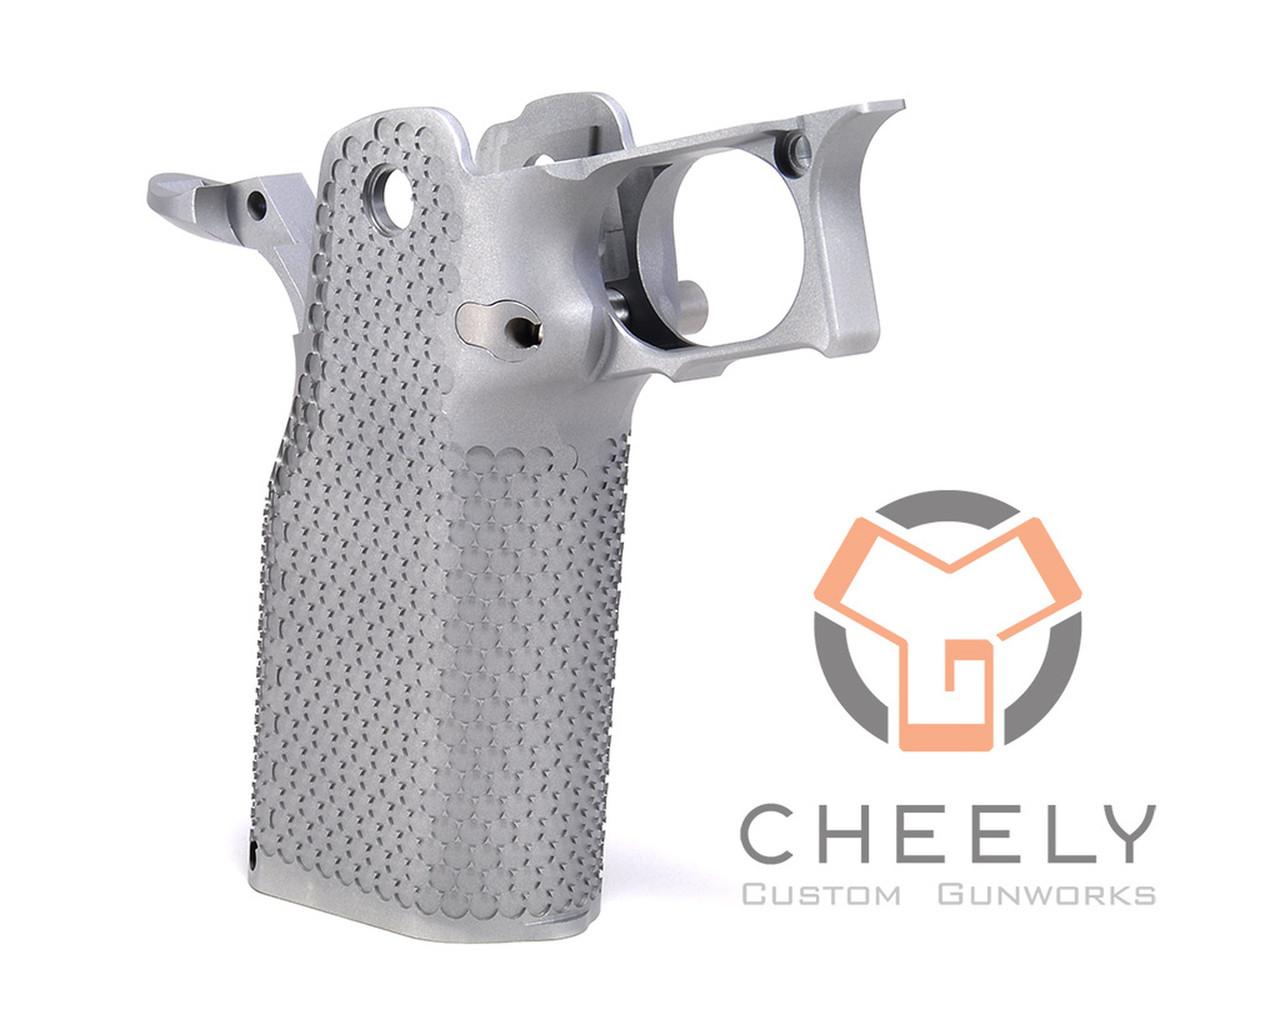 Cheely Custom Gunworks E2 Aggressive Grip Kit - Stainless